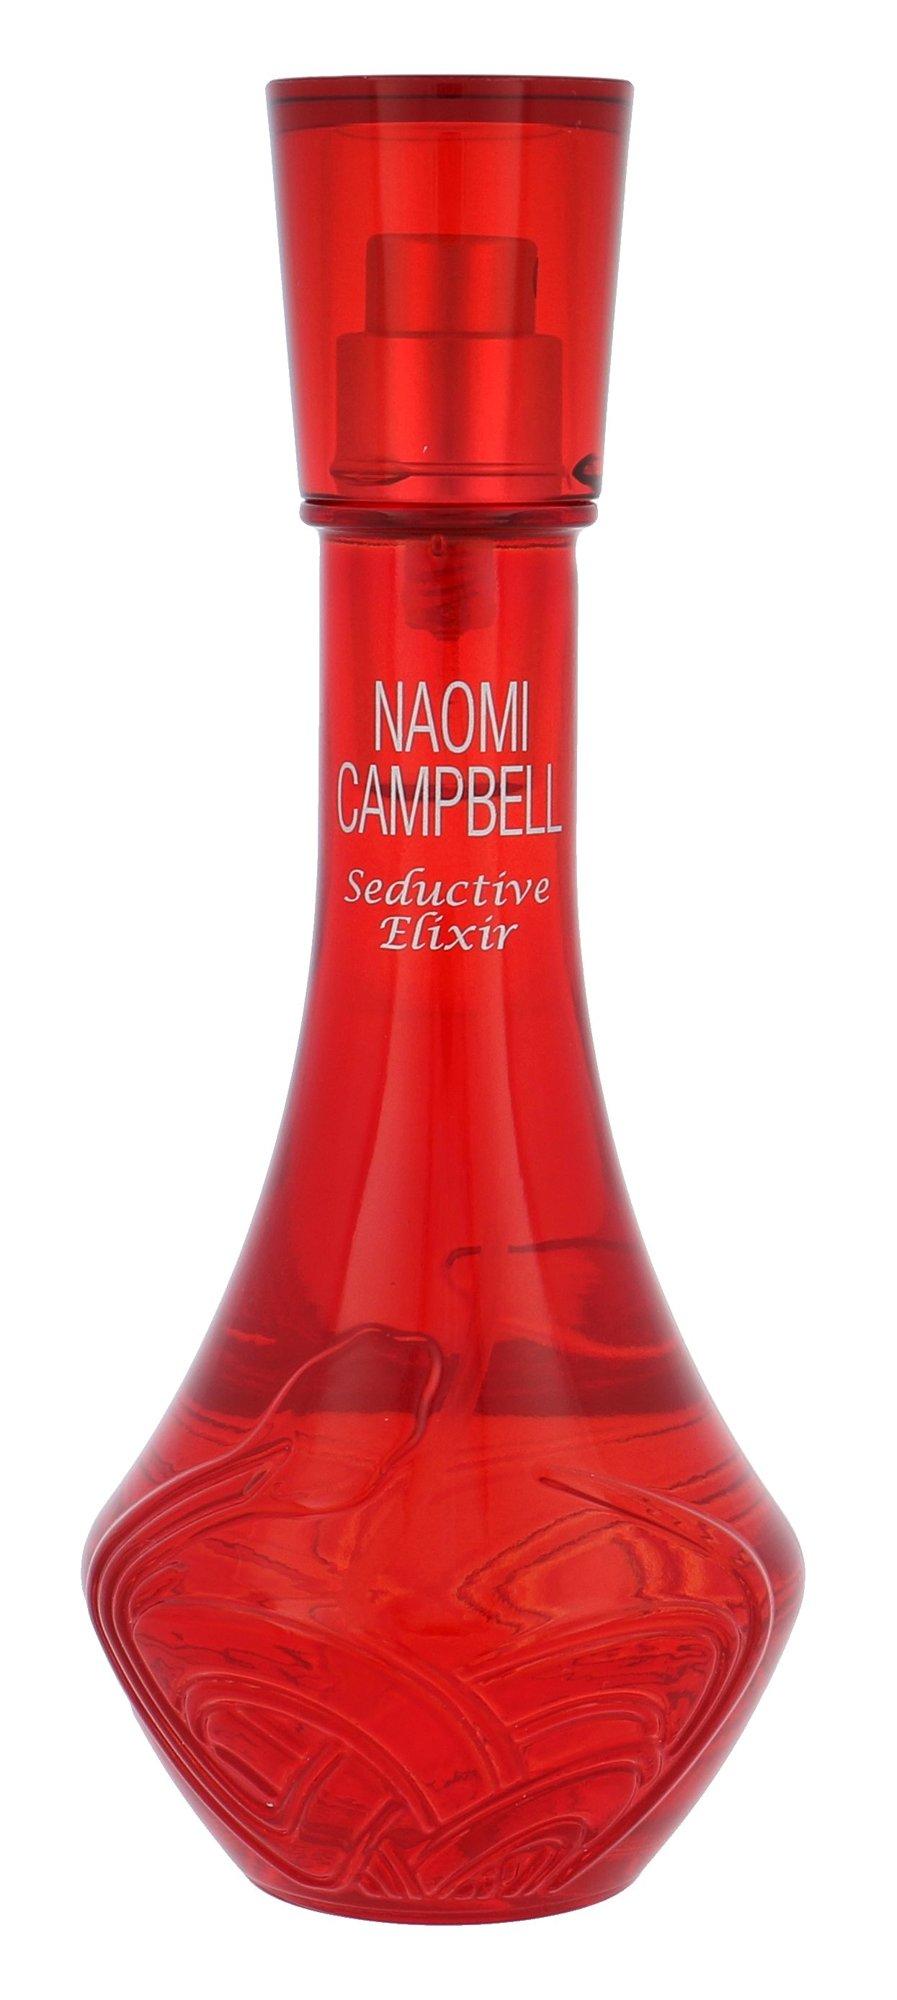 Naomi Campbell Seductive Elixir EDT 50ml